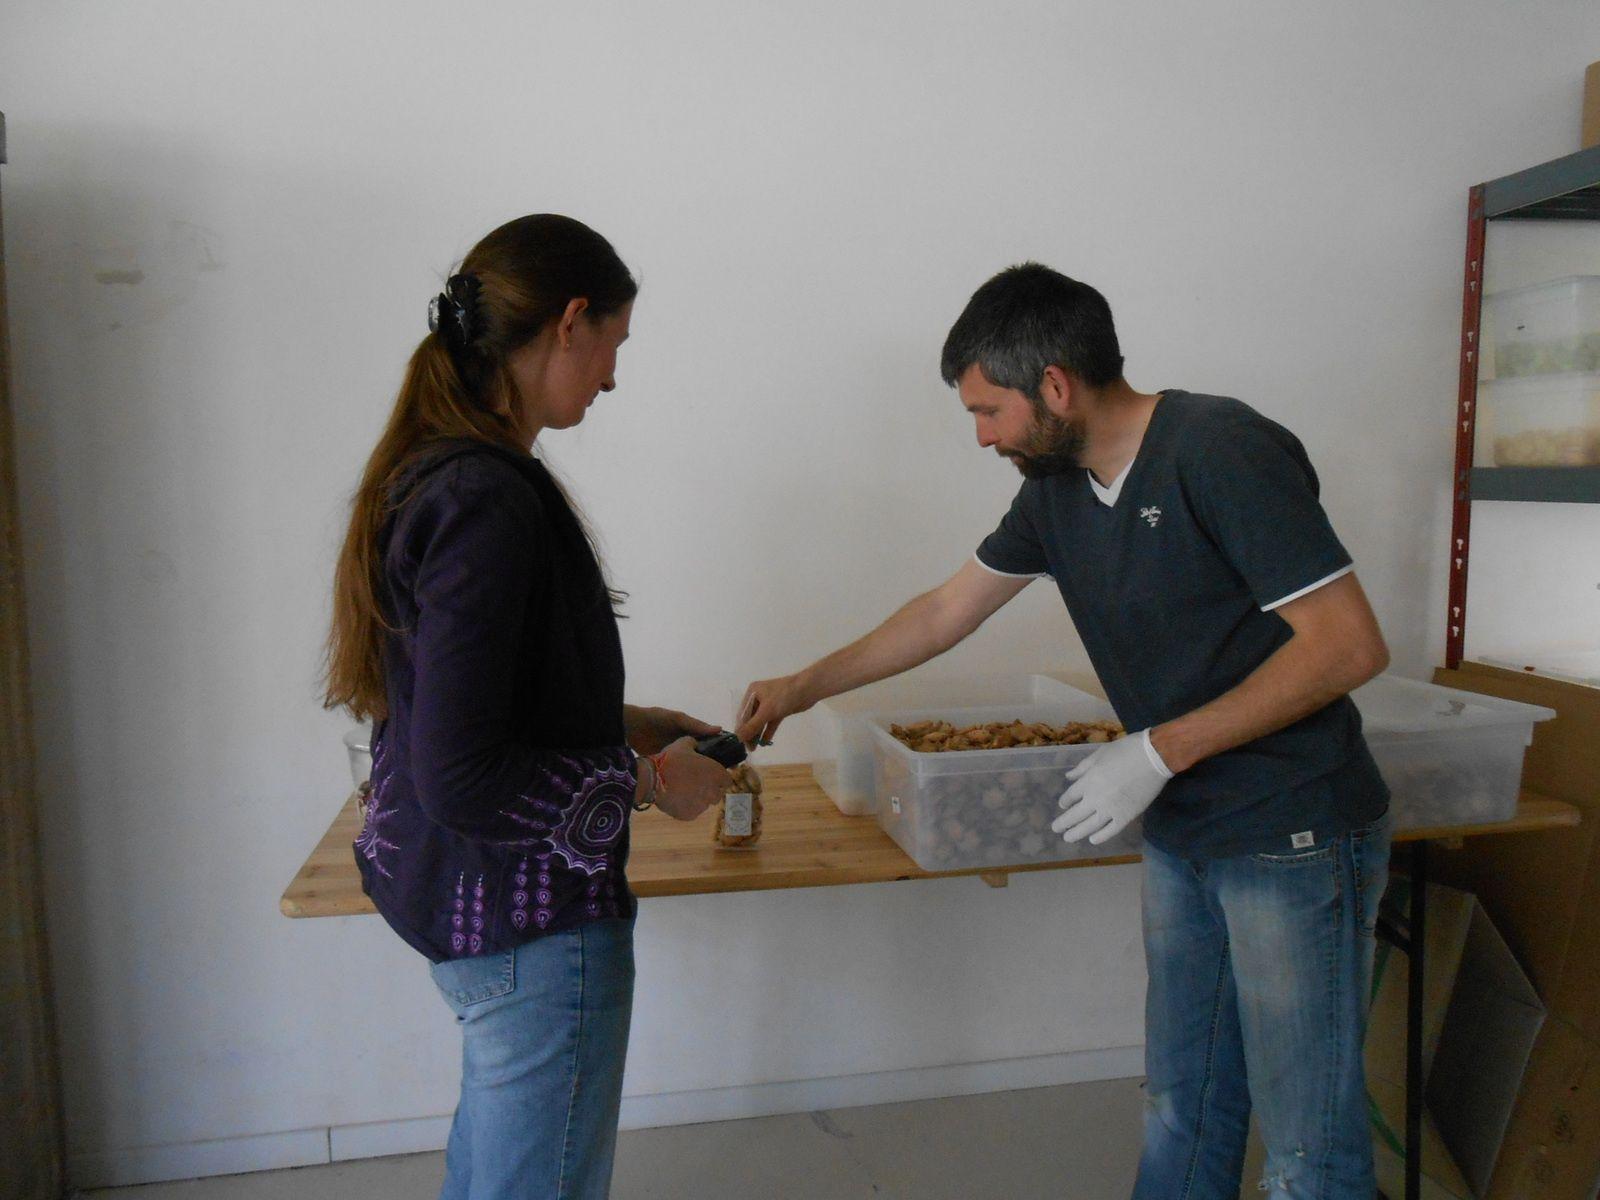 Vente directe à l'atelier: on goûte et on choisit son assortiment personnel...